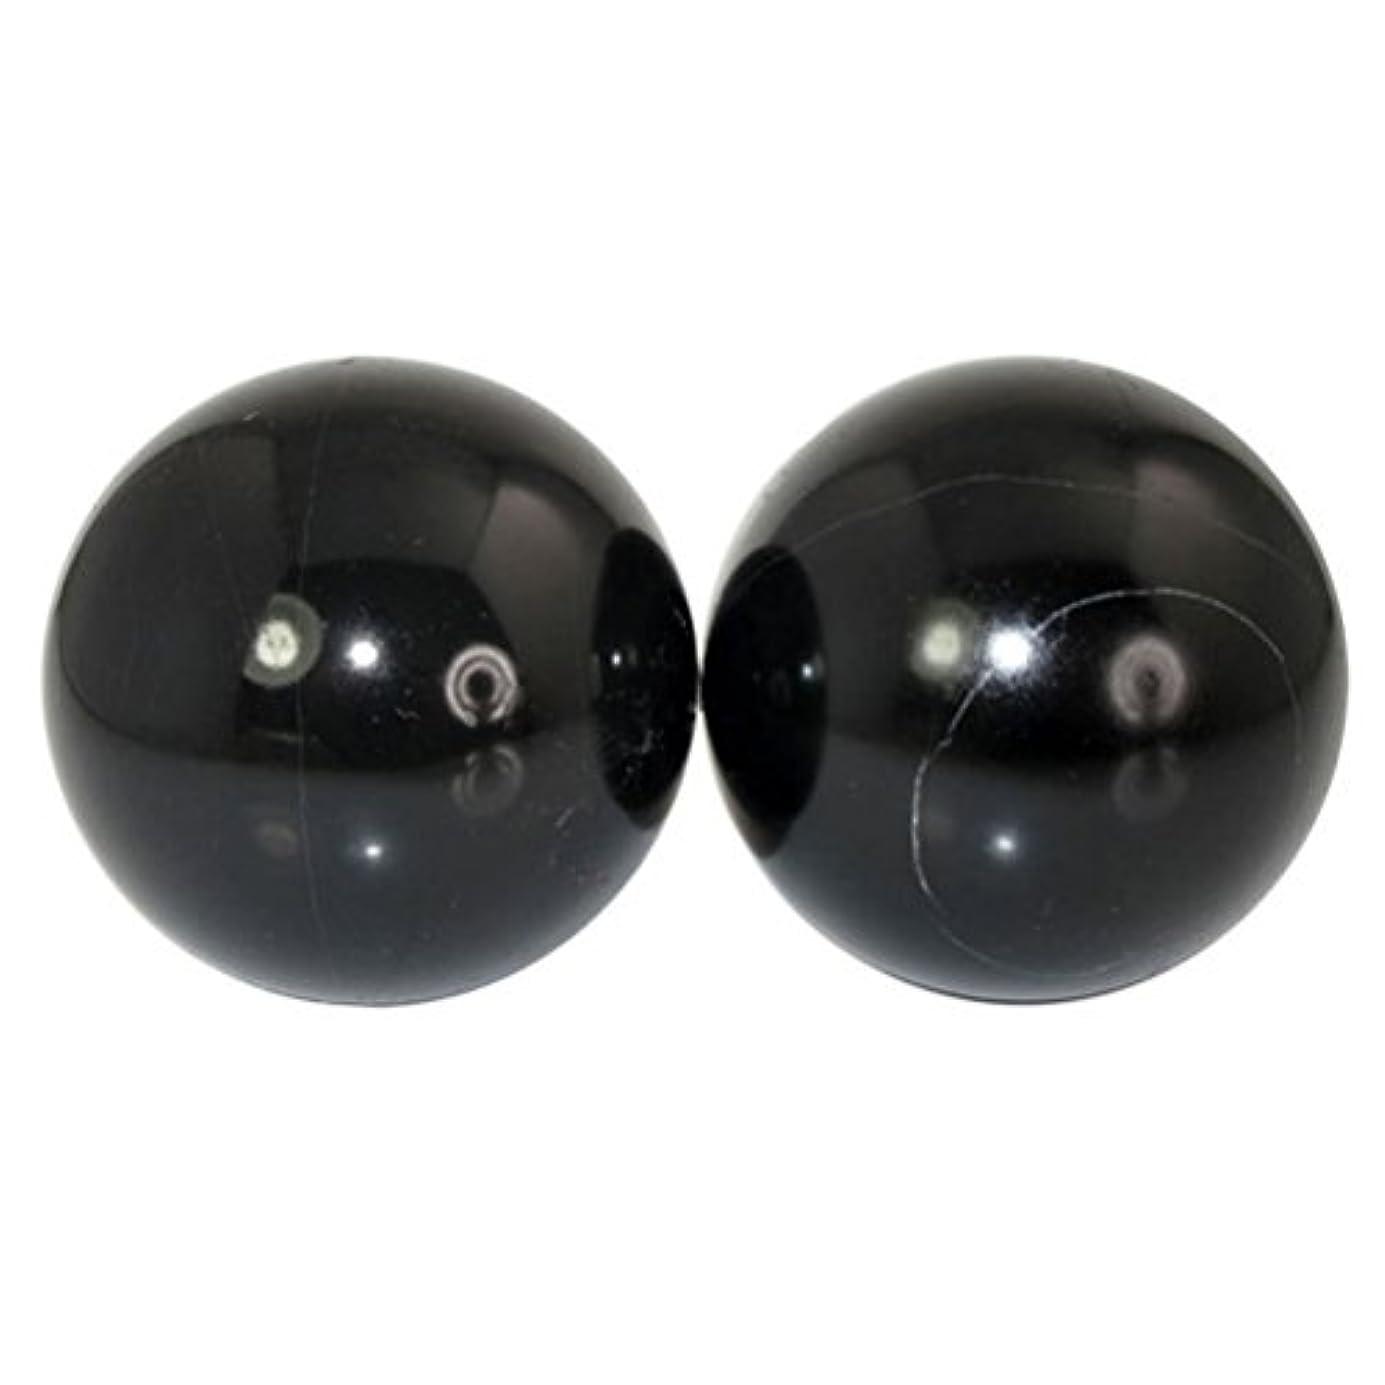 謝罪する漏れ傾いたROSENICE 2個 ハンドエクササイズボール ハンドセラピーストレスレリーフ(黑)